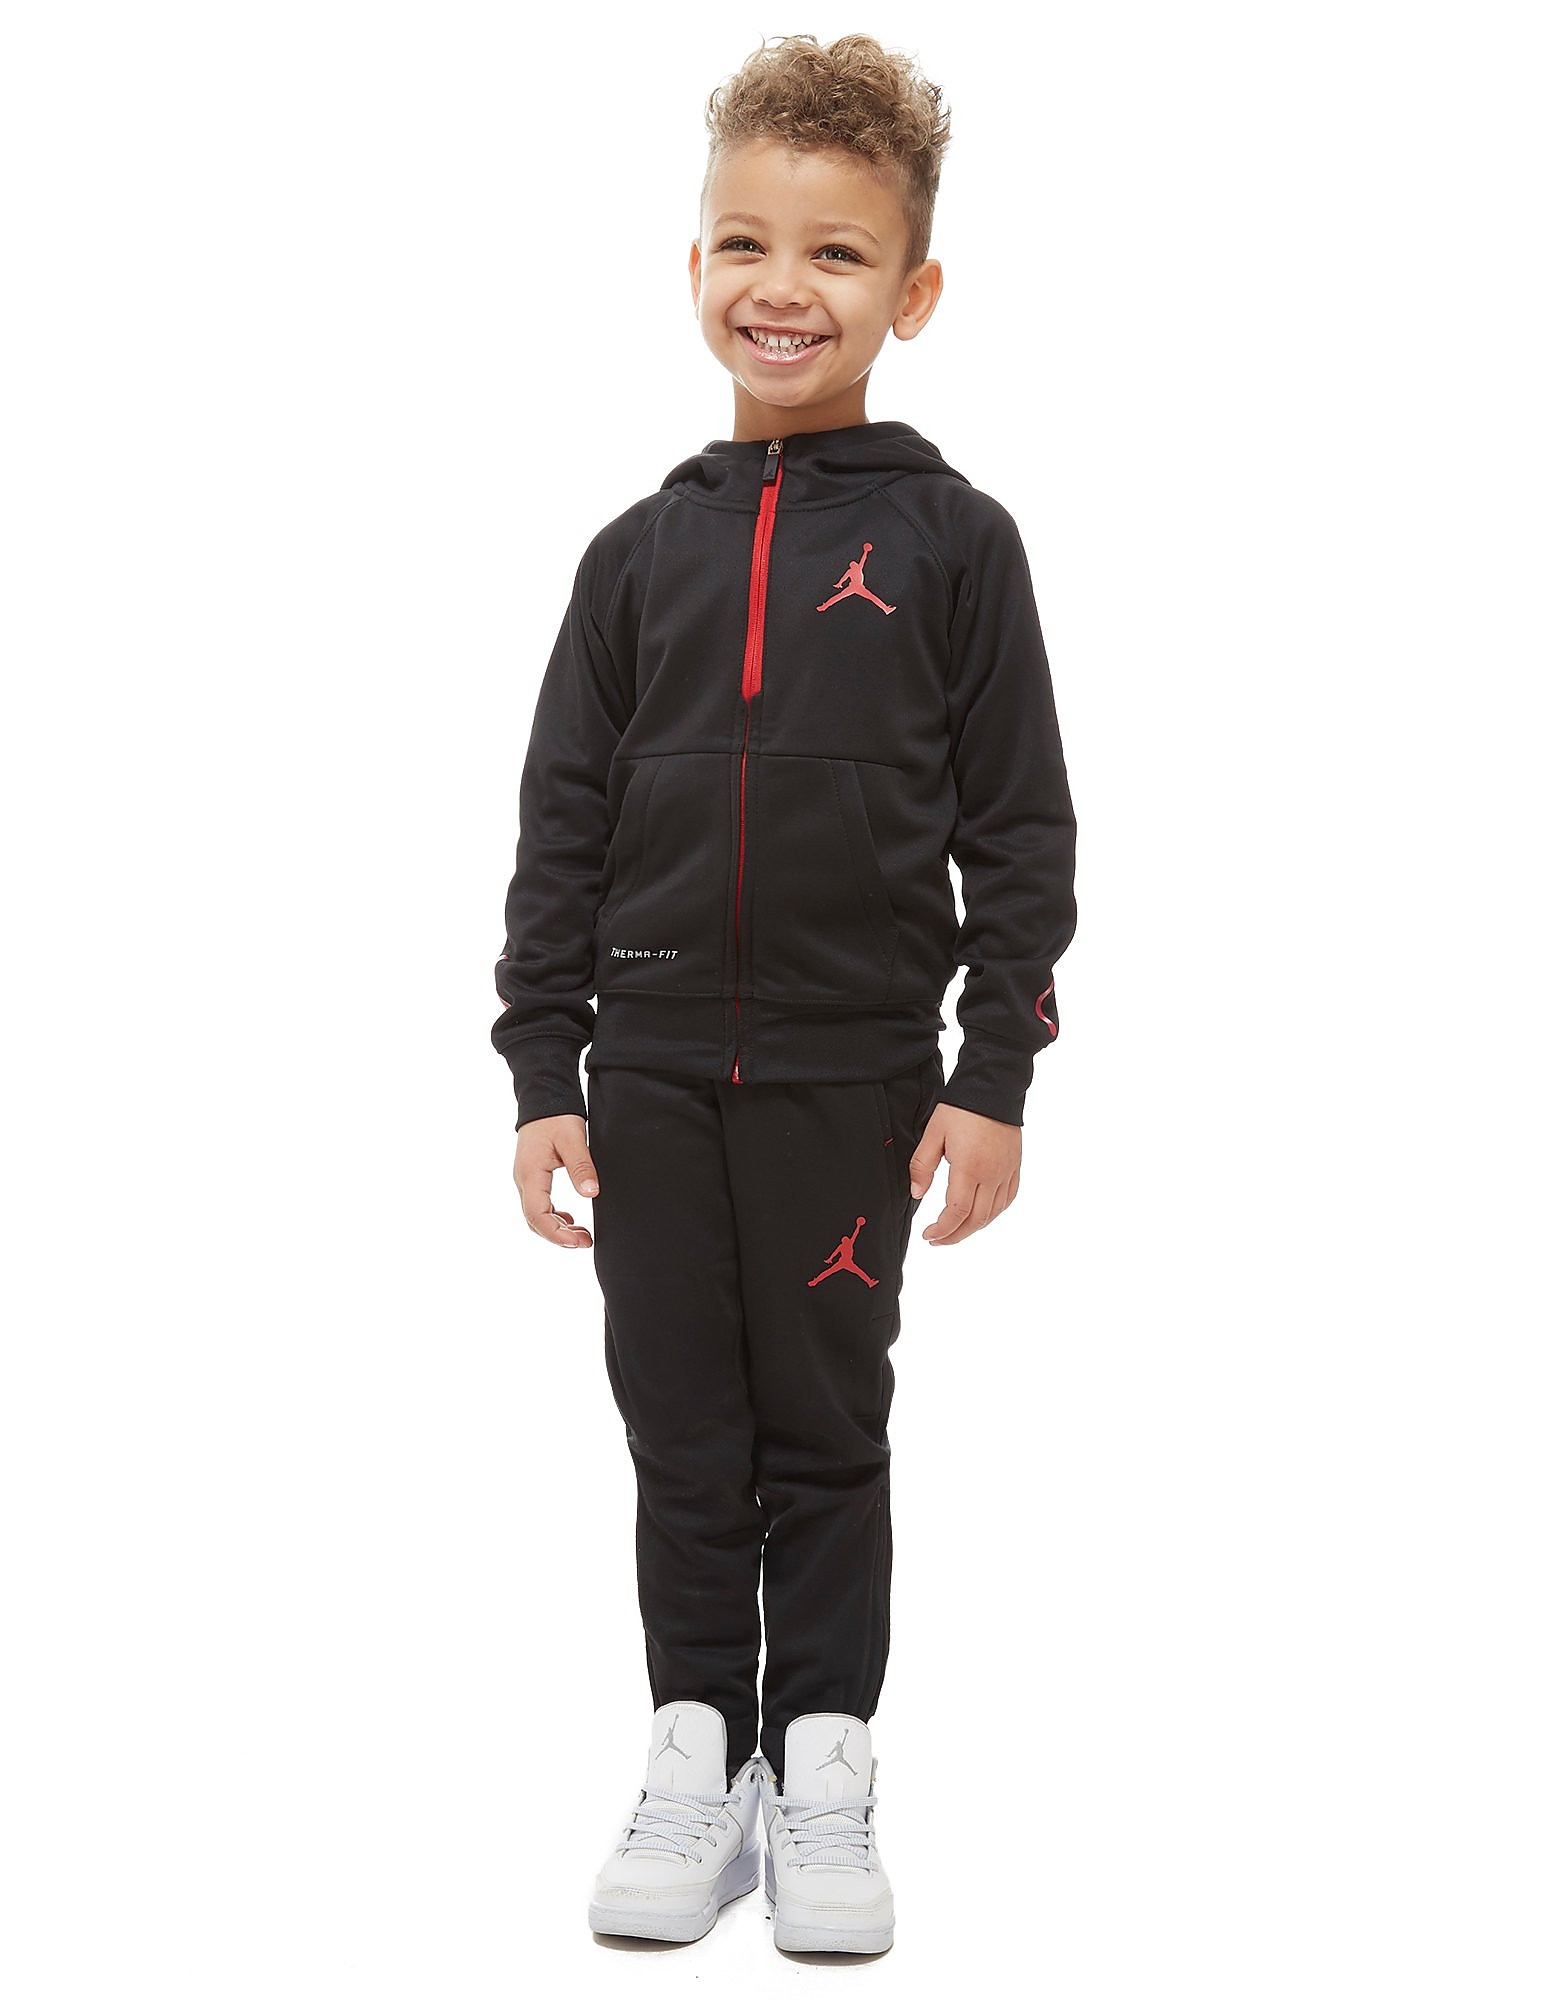 Jordan 23 Alpha Zip Tracksuit Children